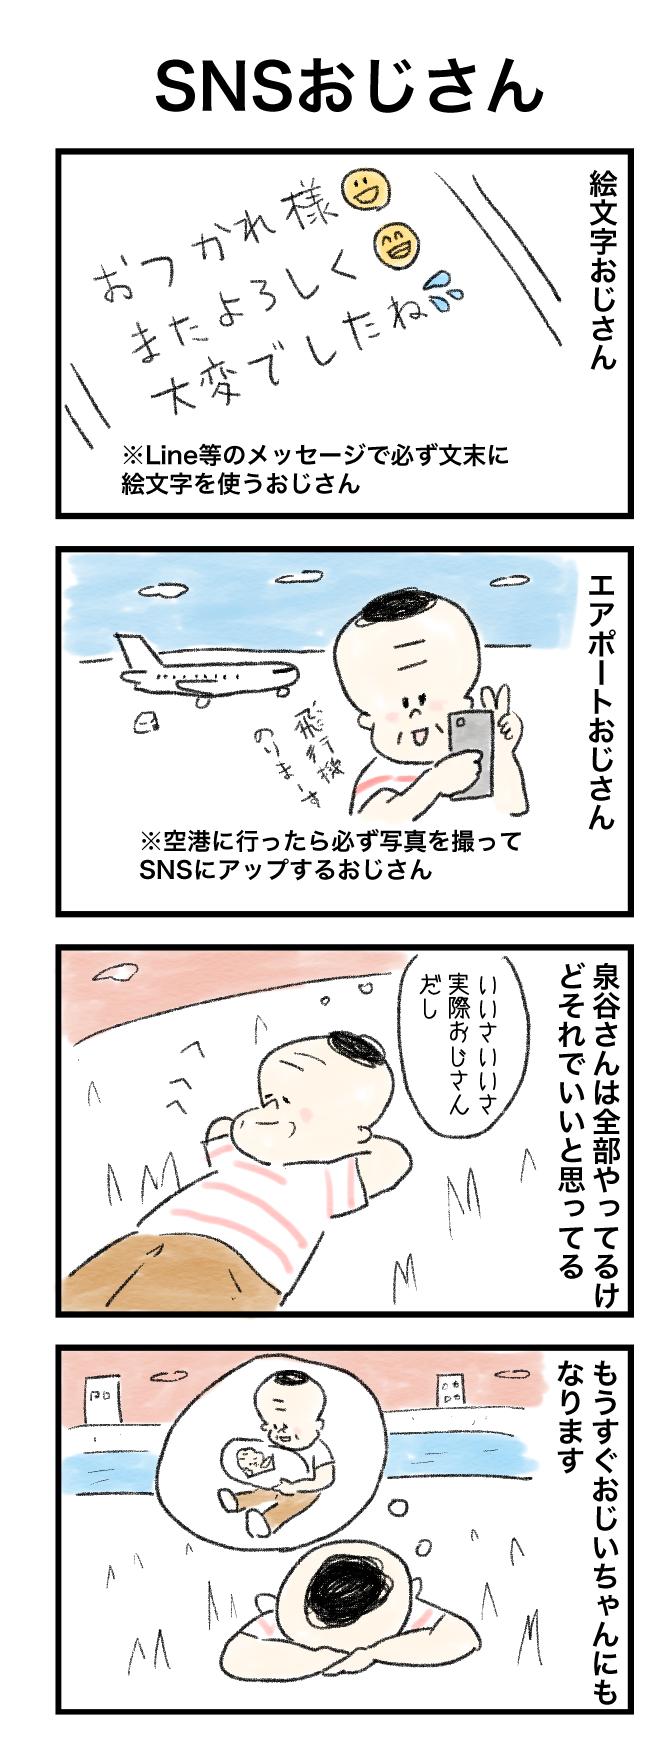 今日の泉谷さん【45】 作:カワサキヒロシ「SNSおじさん」